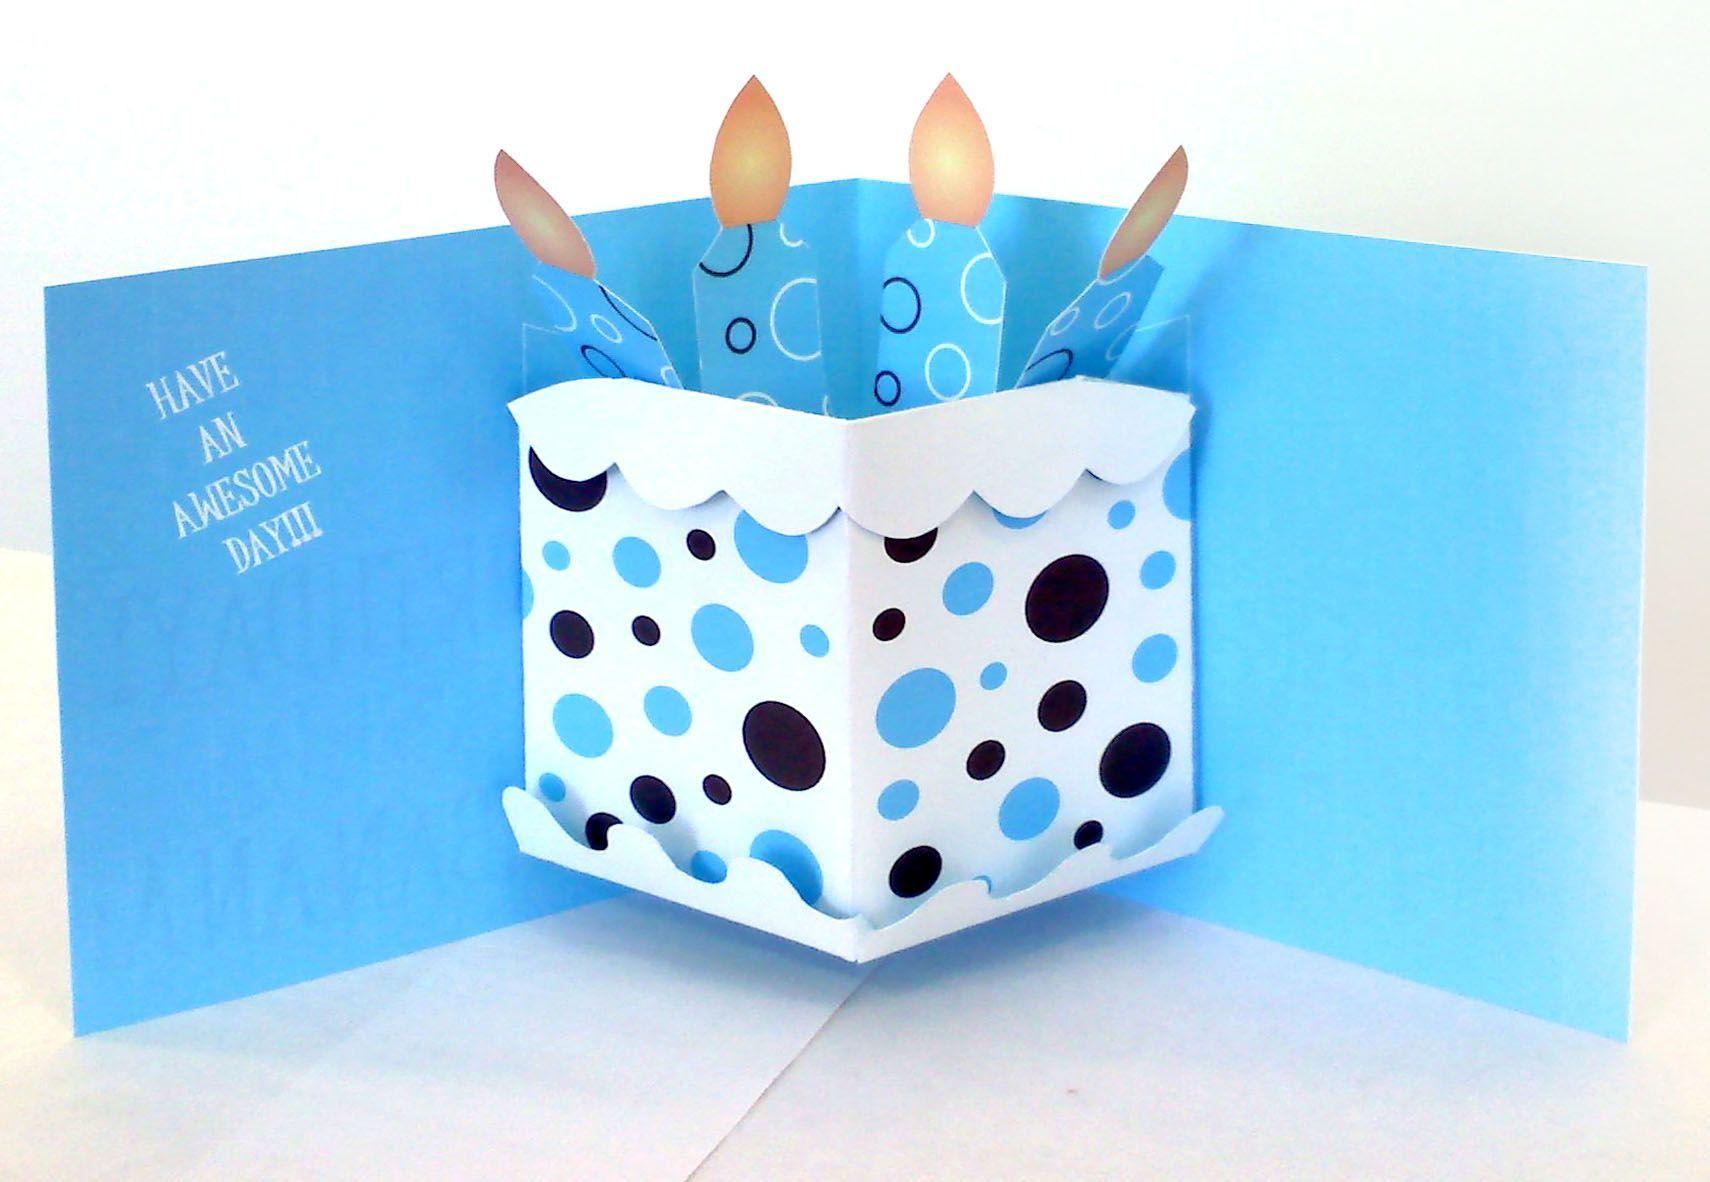 Pop Up Karte Geburtstag Vorlage.Pop Up Crafts Stuff I Can Make Popup Karten Basteln